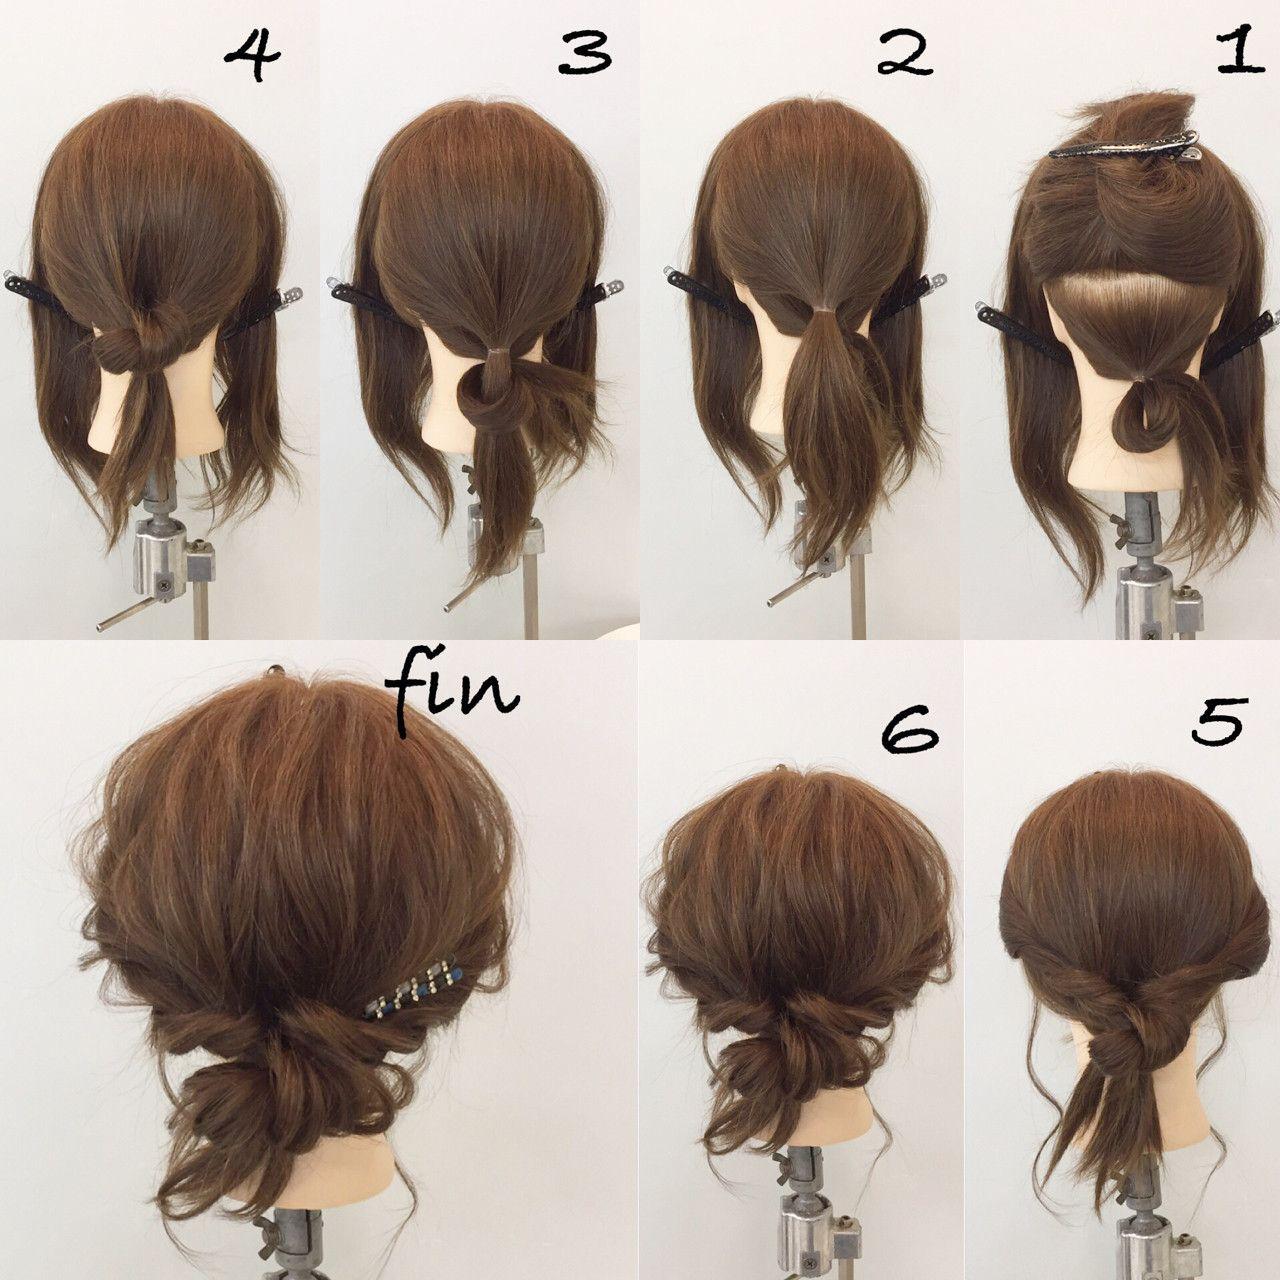 自分で出来るヘアアレンジ 1 上と下半分に分けて下の方を輪になるように結びます 2 上をポニーテールにします 3 輪の中にポニーテールの毛先を入れます 4 くるりんぱします 5 サイドをねじって留めます 6 全体的に崩します ヘアアクセを ヘア